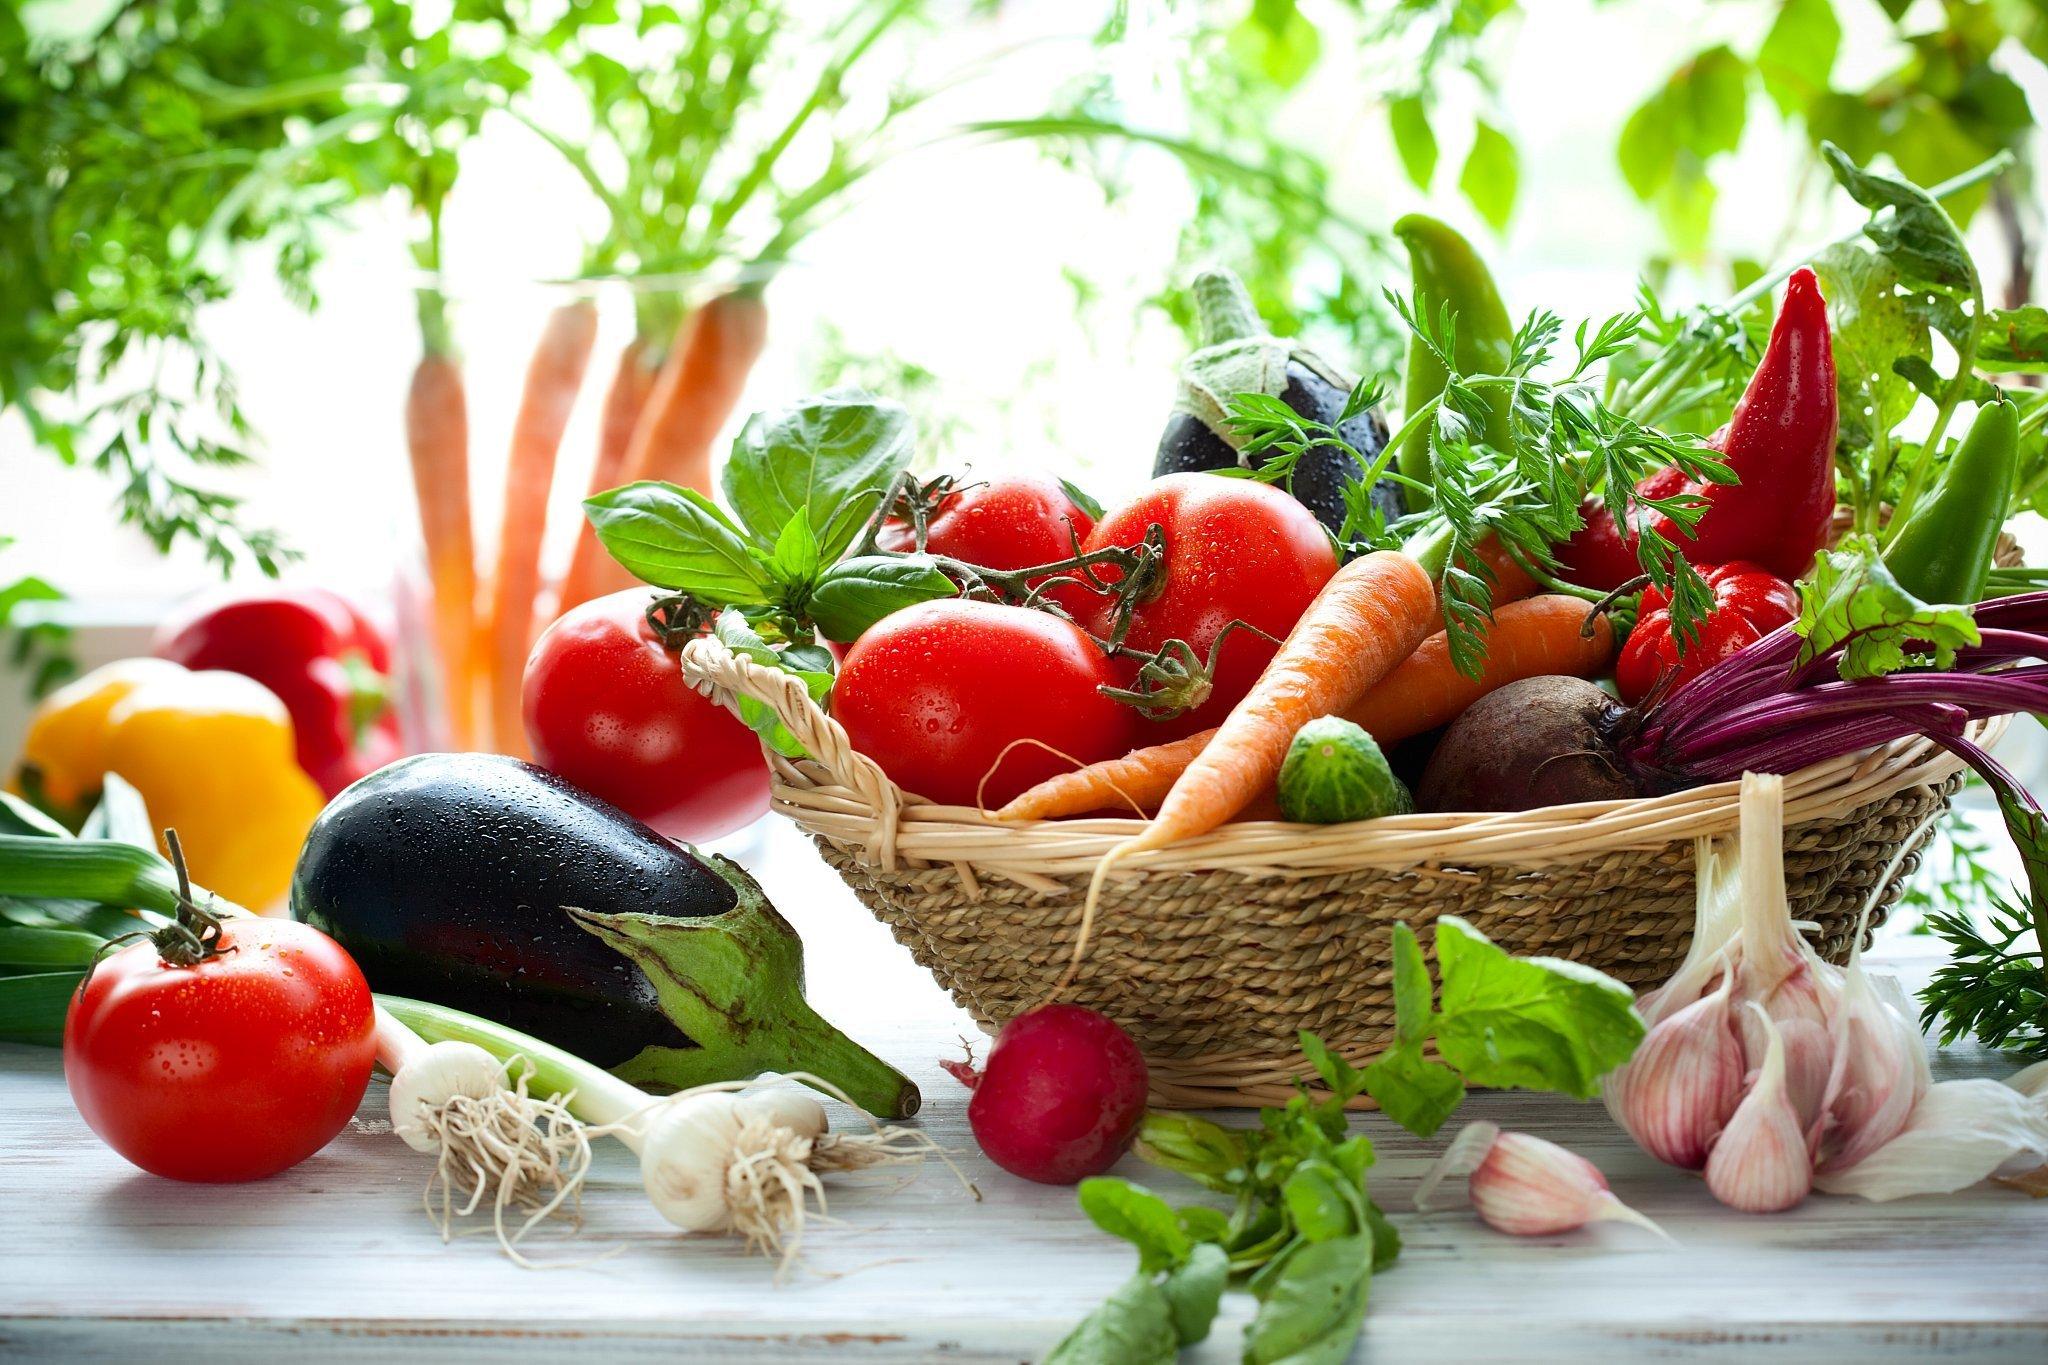 Какие фрукты можно есть если худеешь